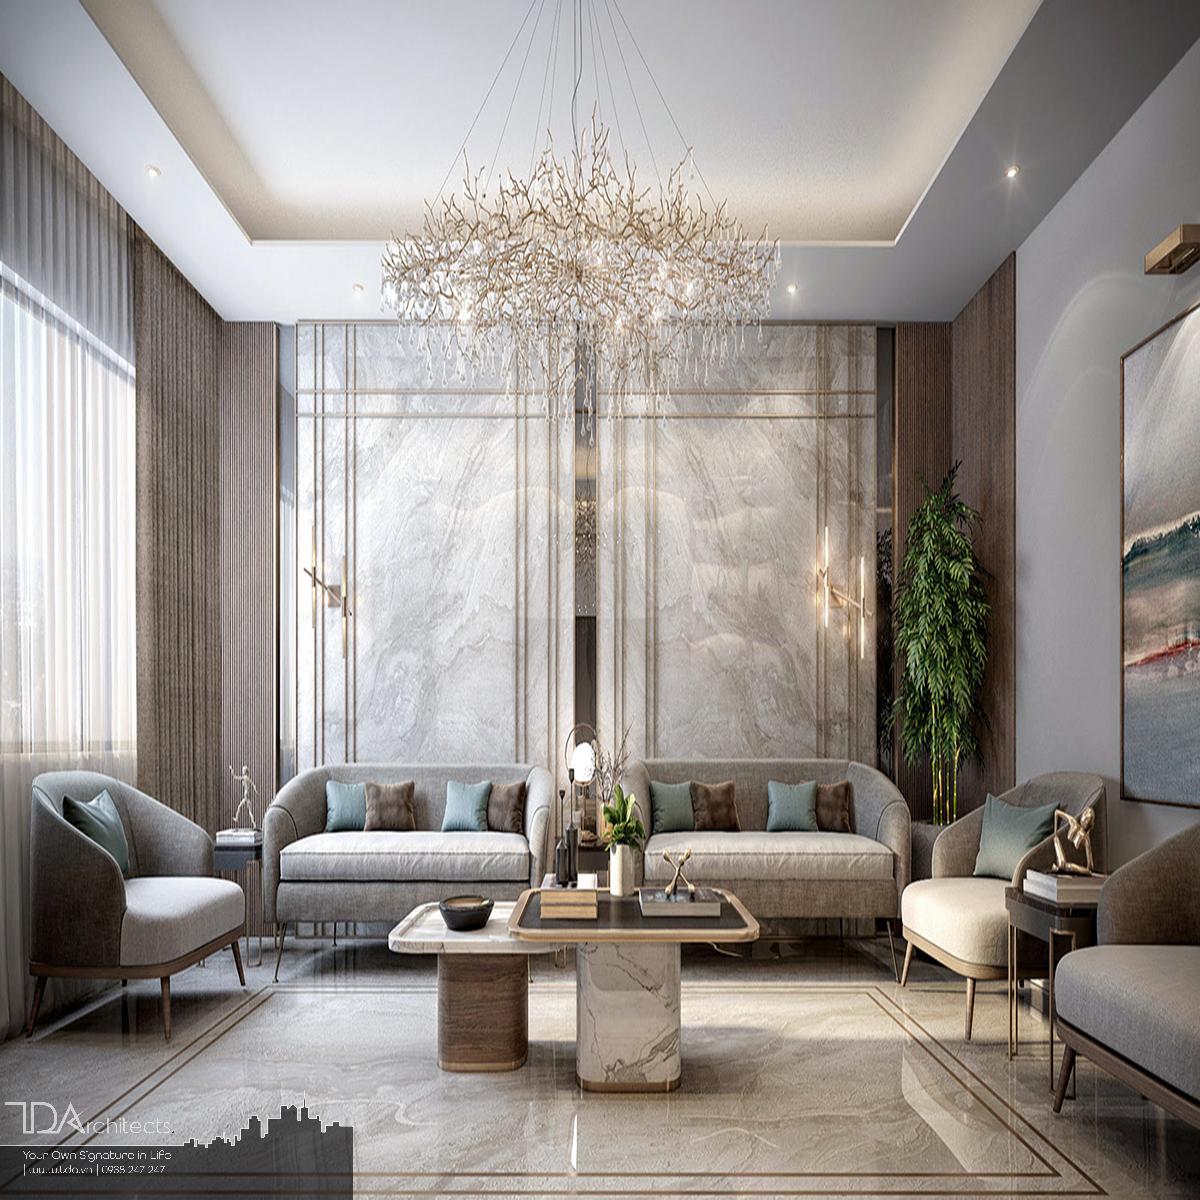 Mẫu phòng khách cho biệt thự hiện đại